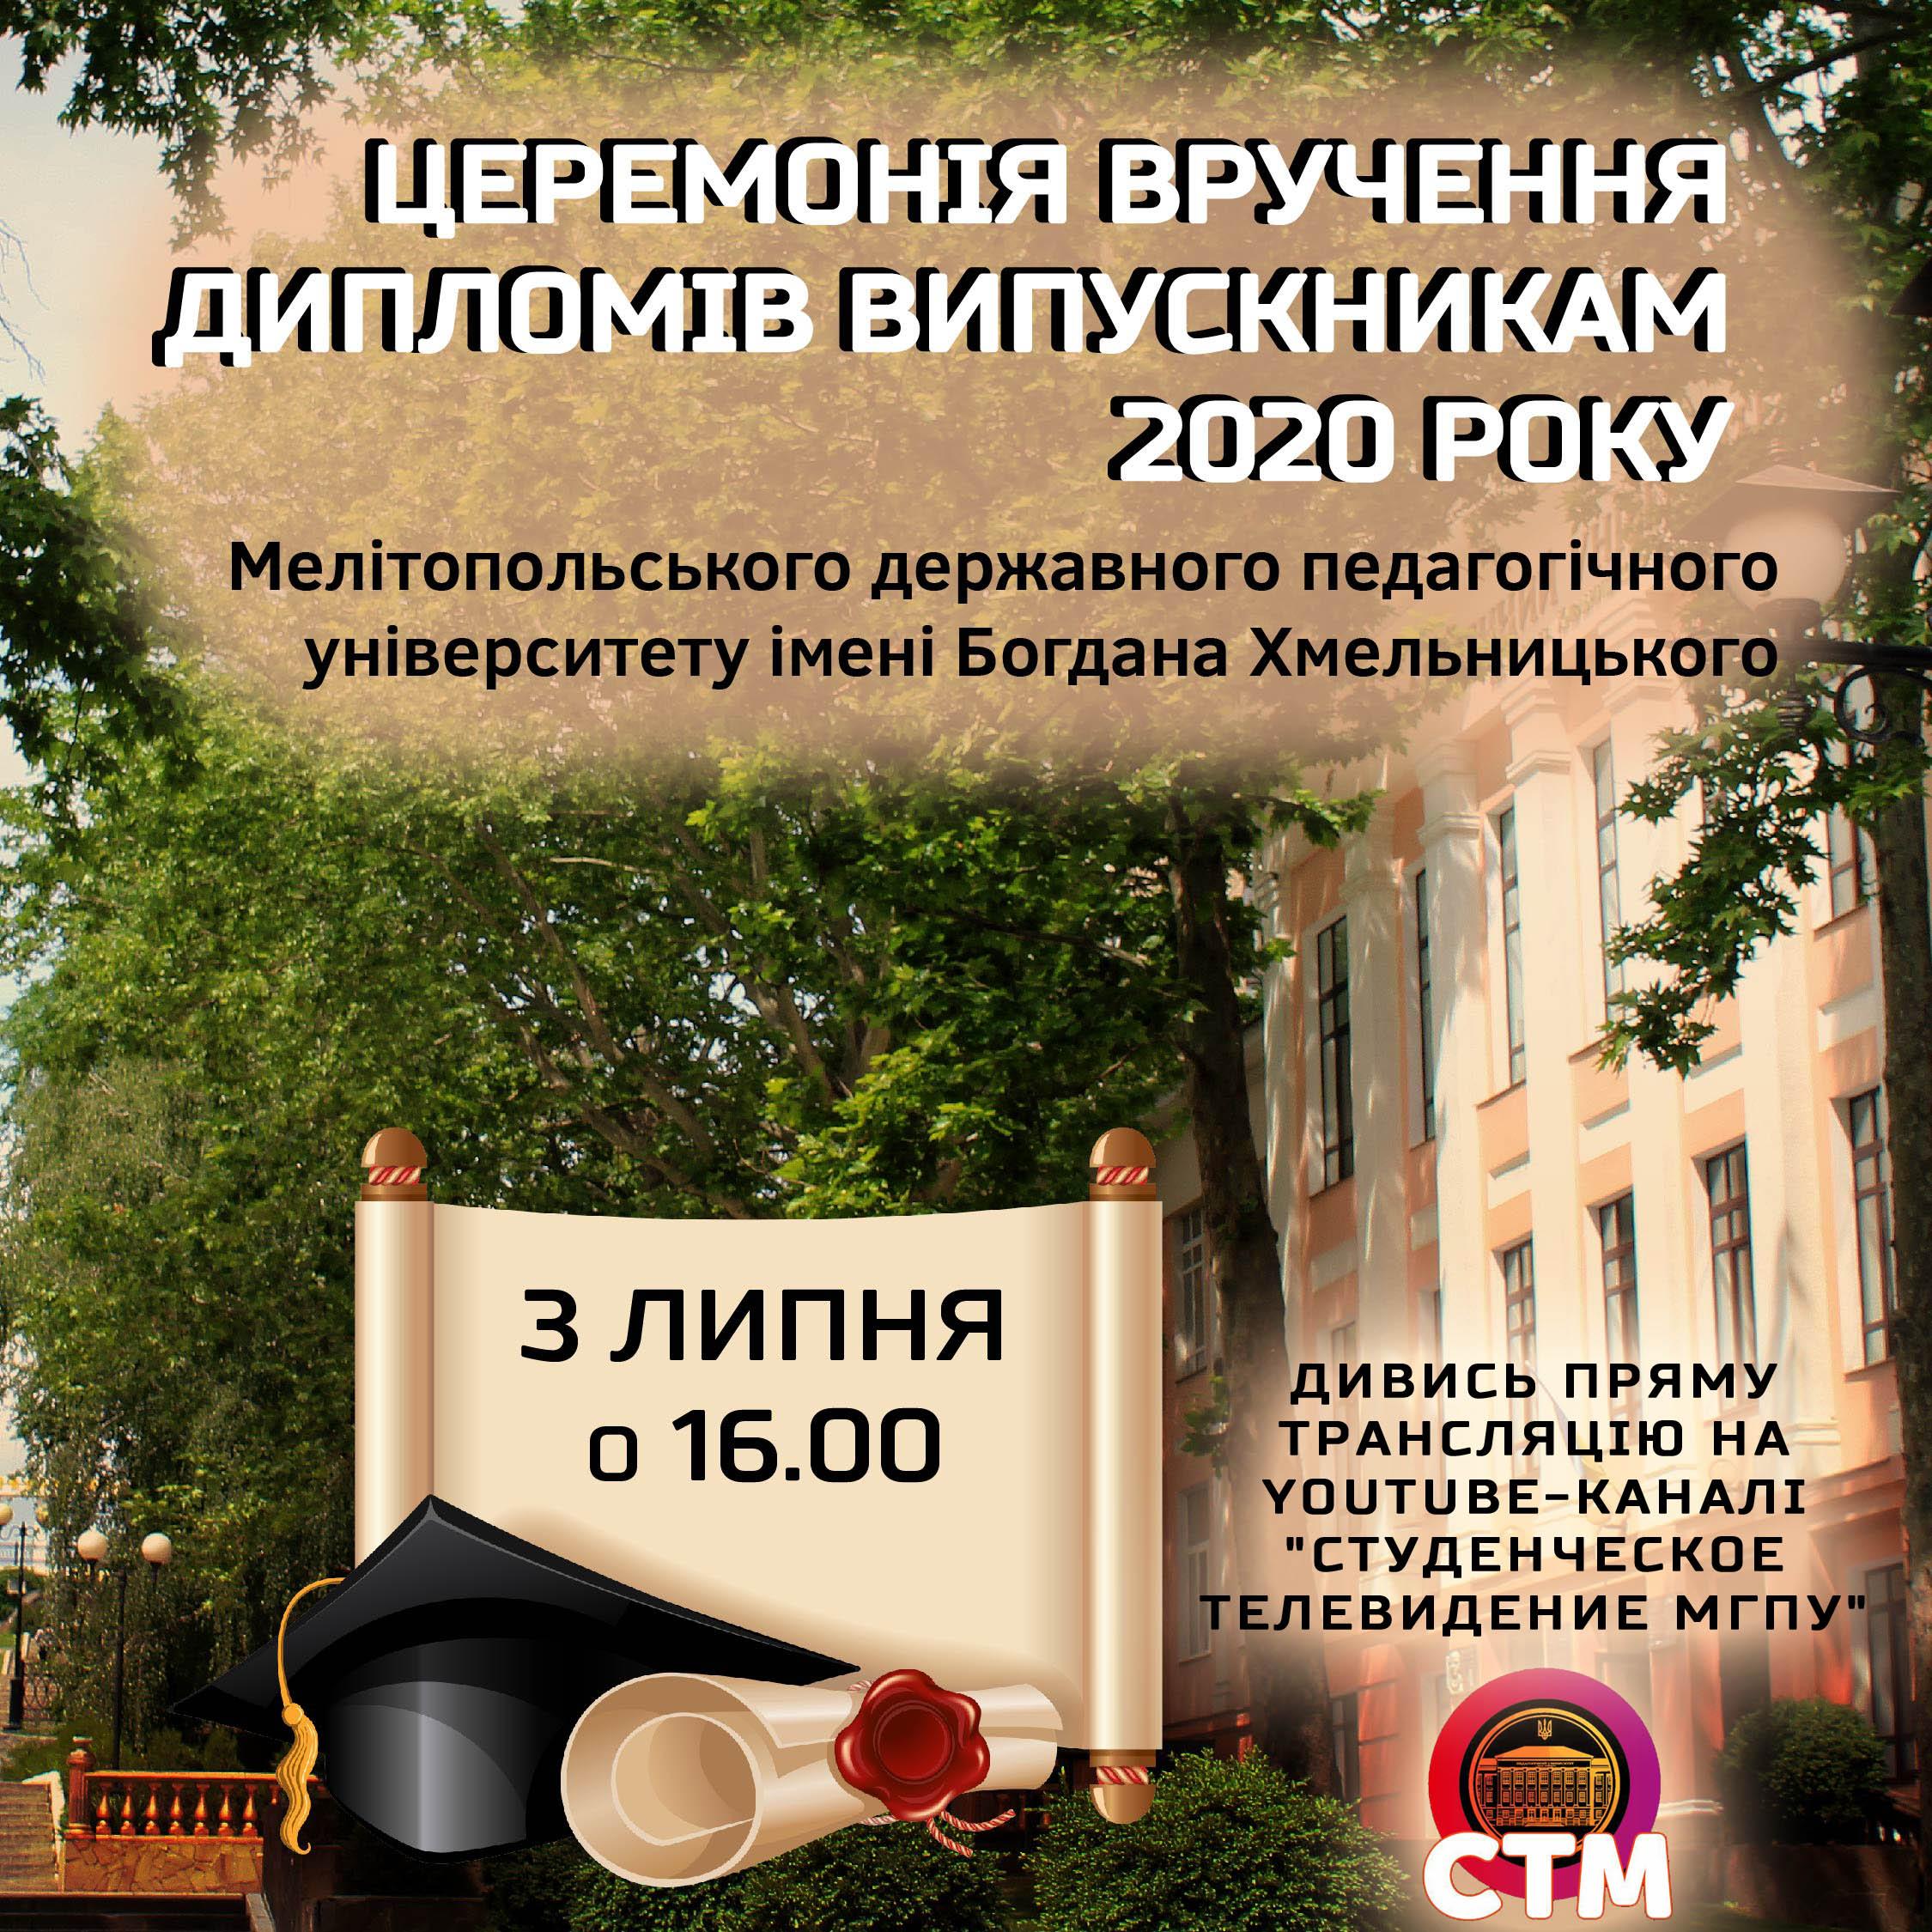 Церемонія вручення дипломів випускникам 2020 року